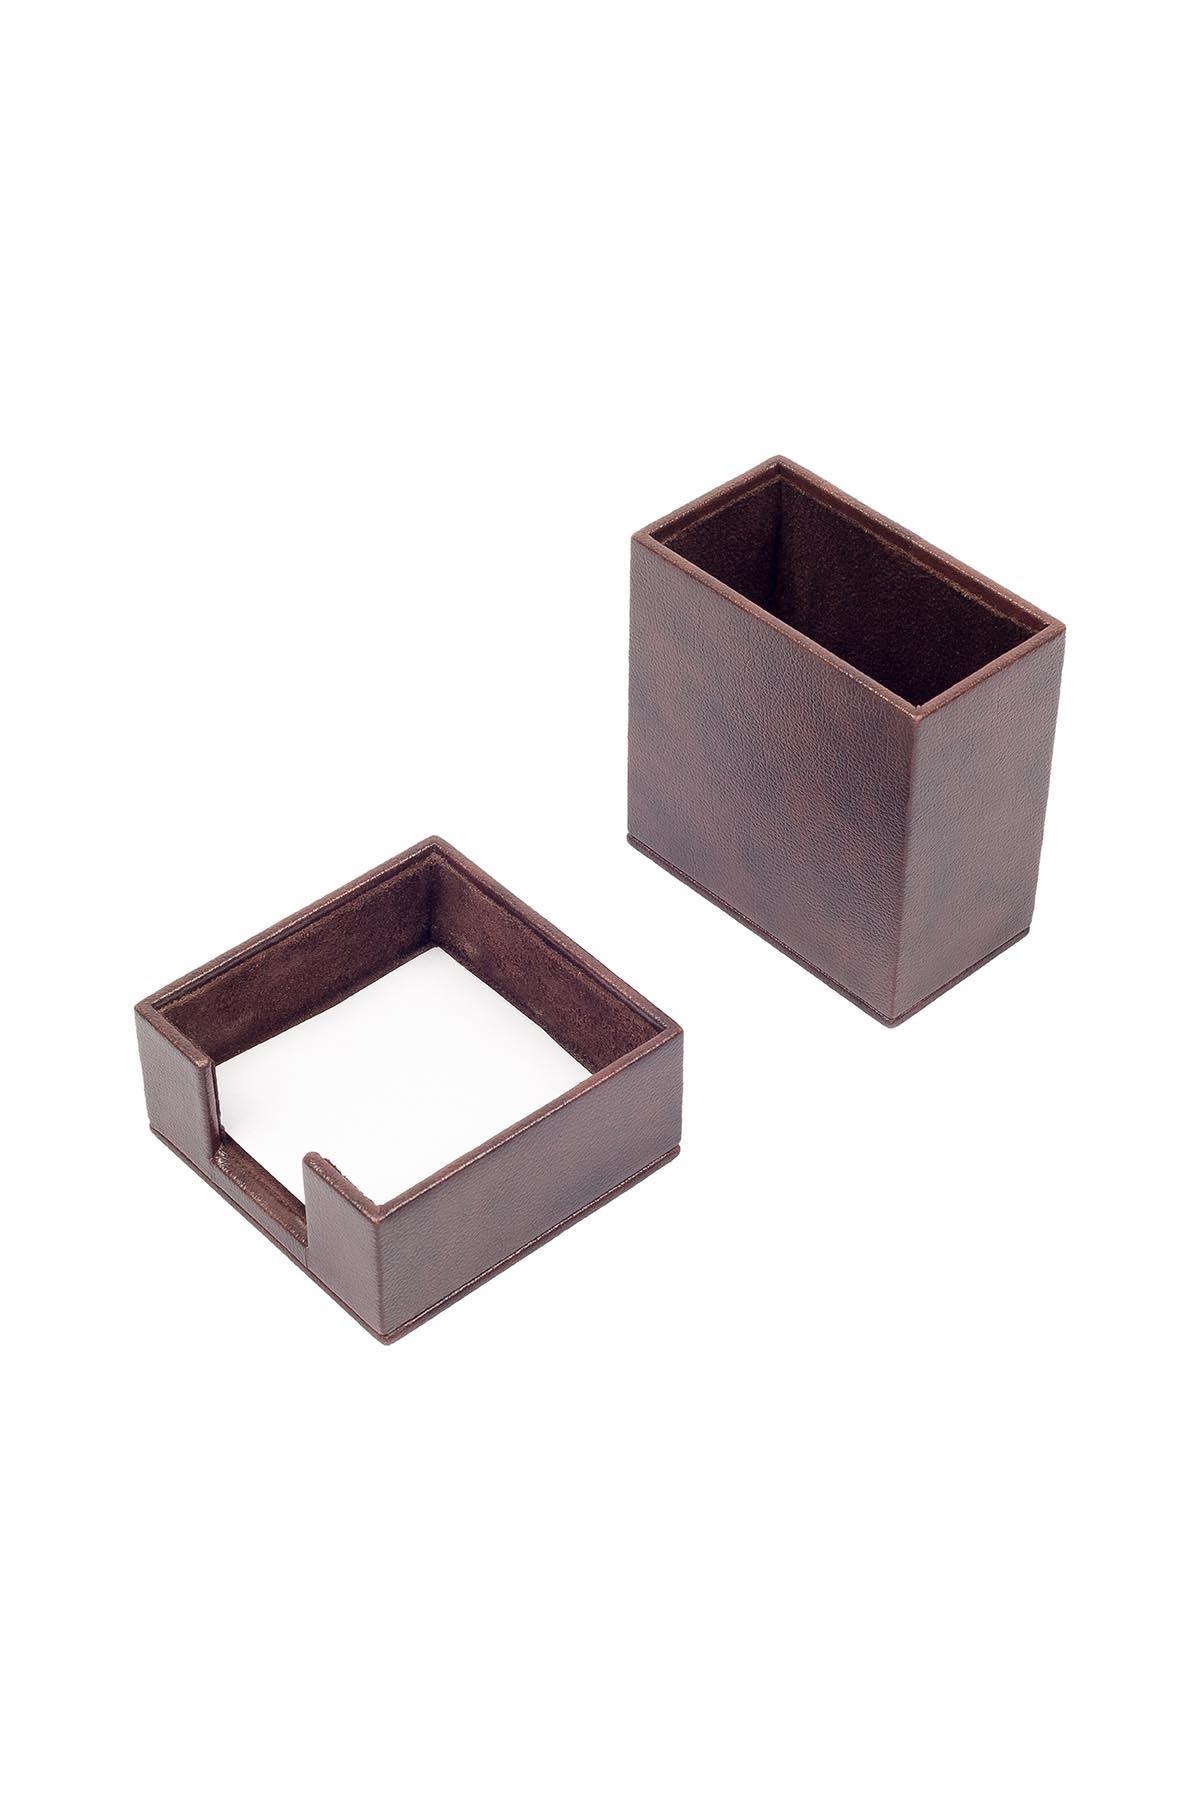 Leather Desk Accessories set of 2 Brown| Desk Set Accessories | Desktop Accessories | Desk Accessories | Desk Organizers | Pencil Holder | Note Paper Holder